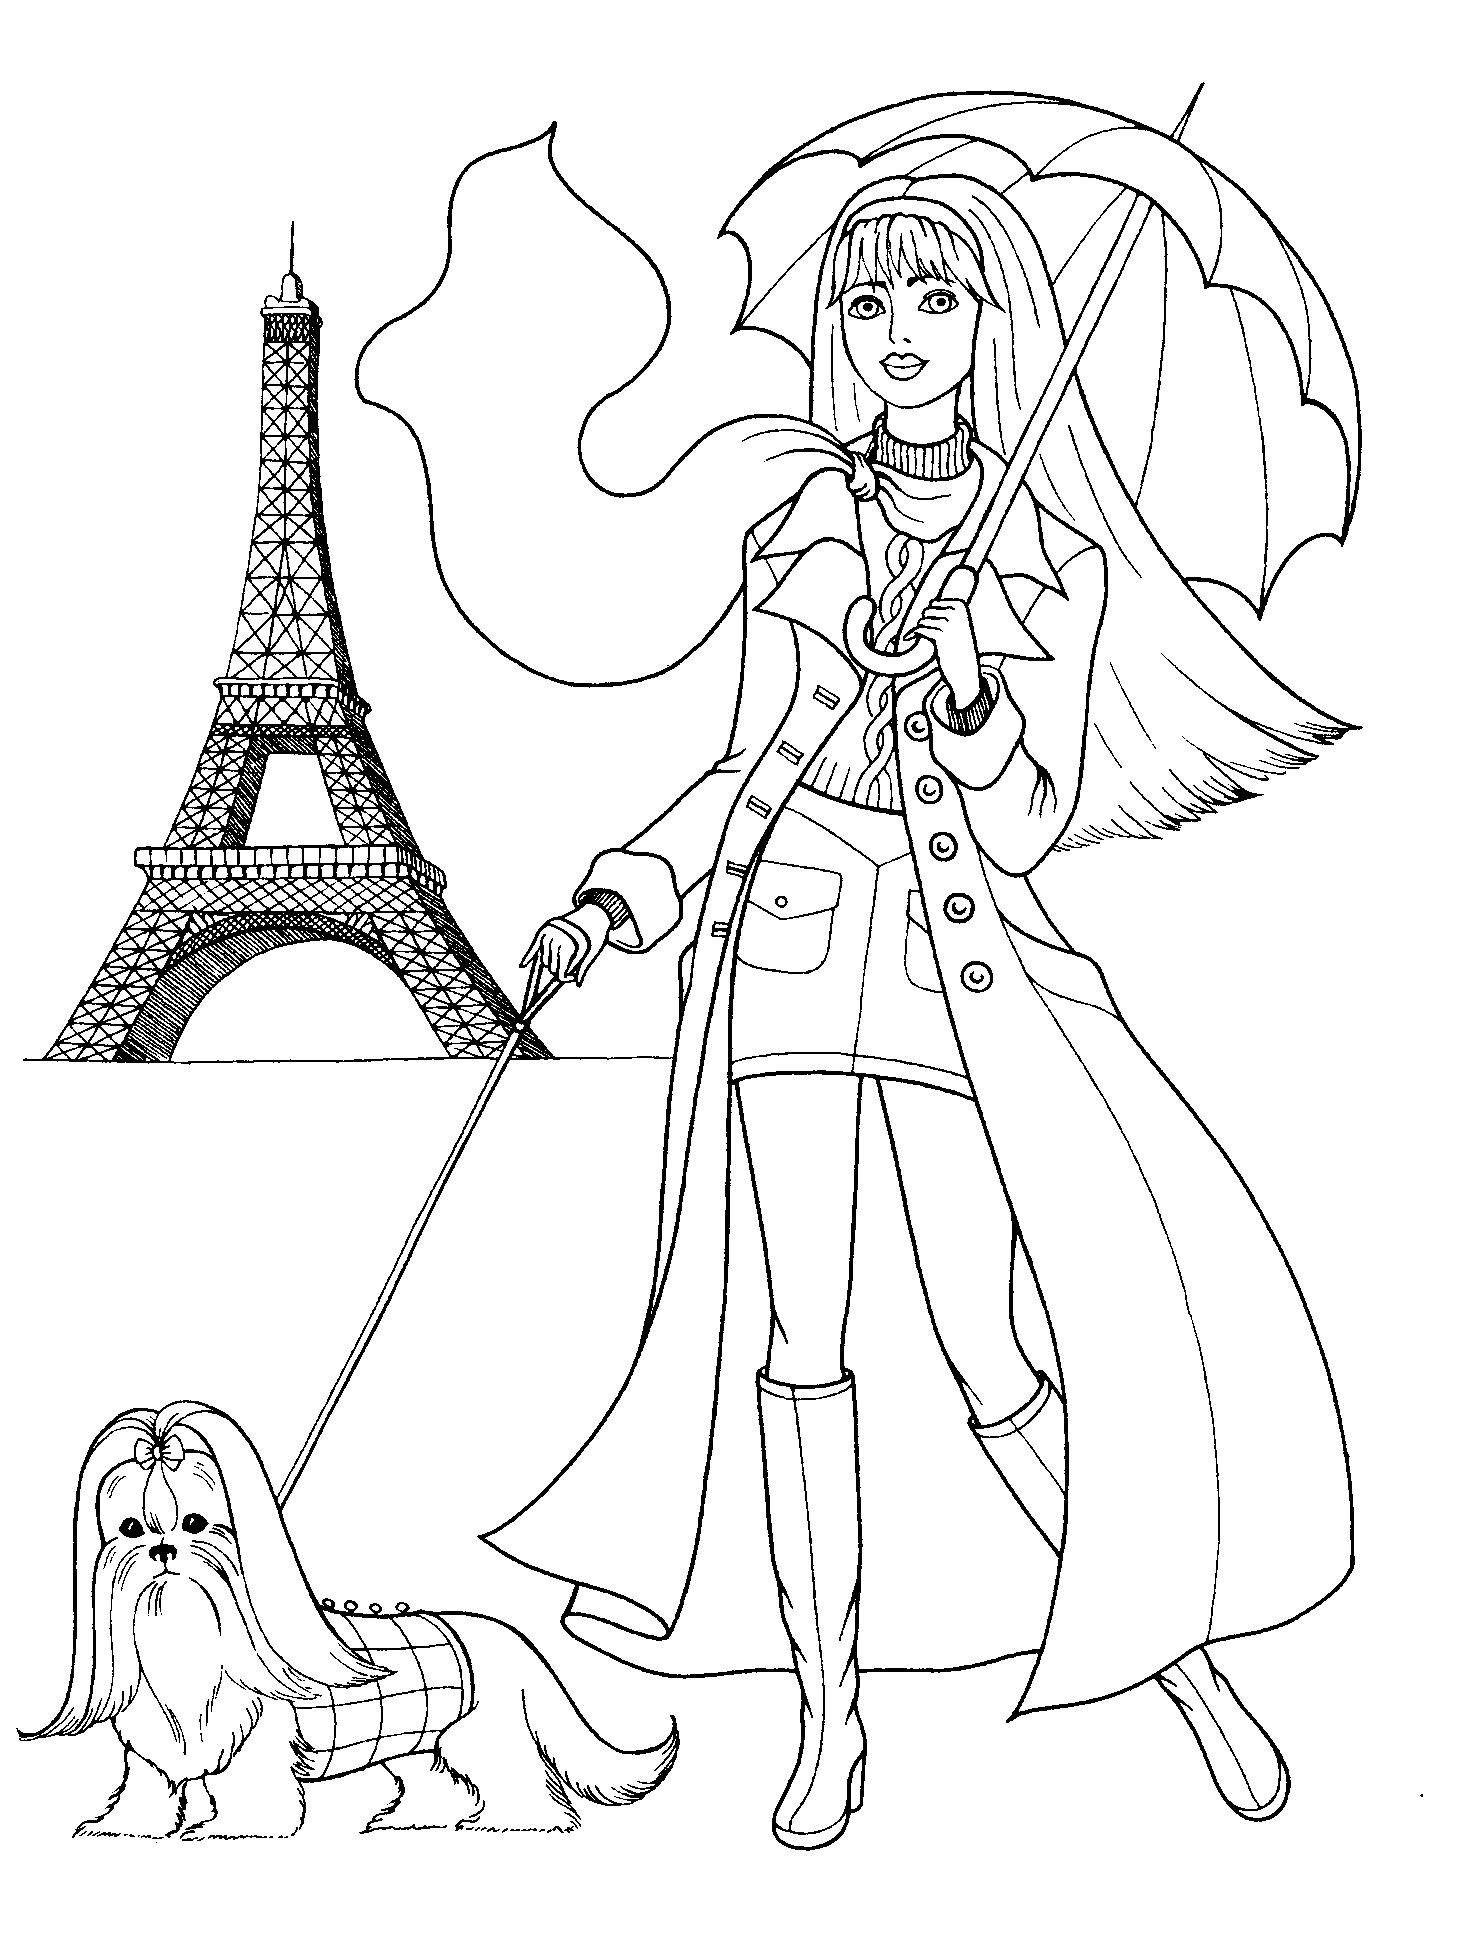 Раскраска для девочек - куклы, кошечки, принцессы